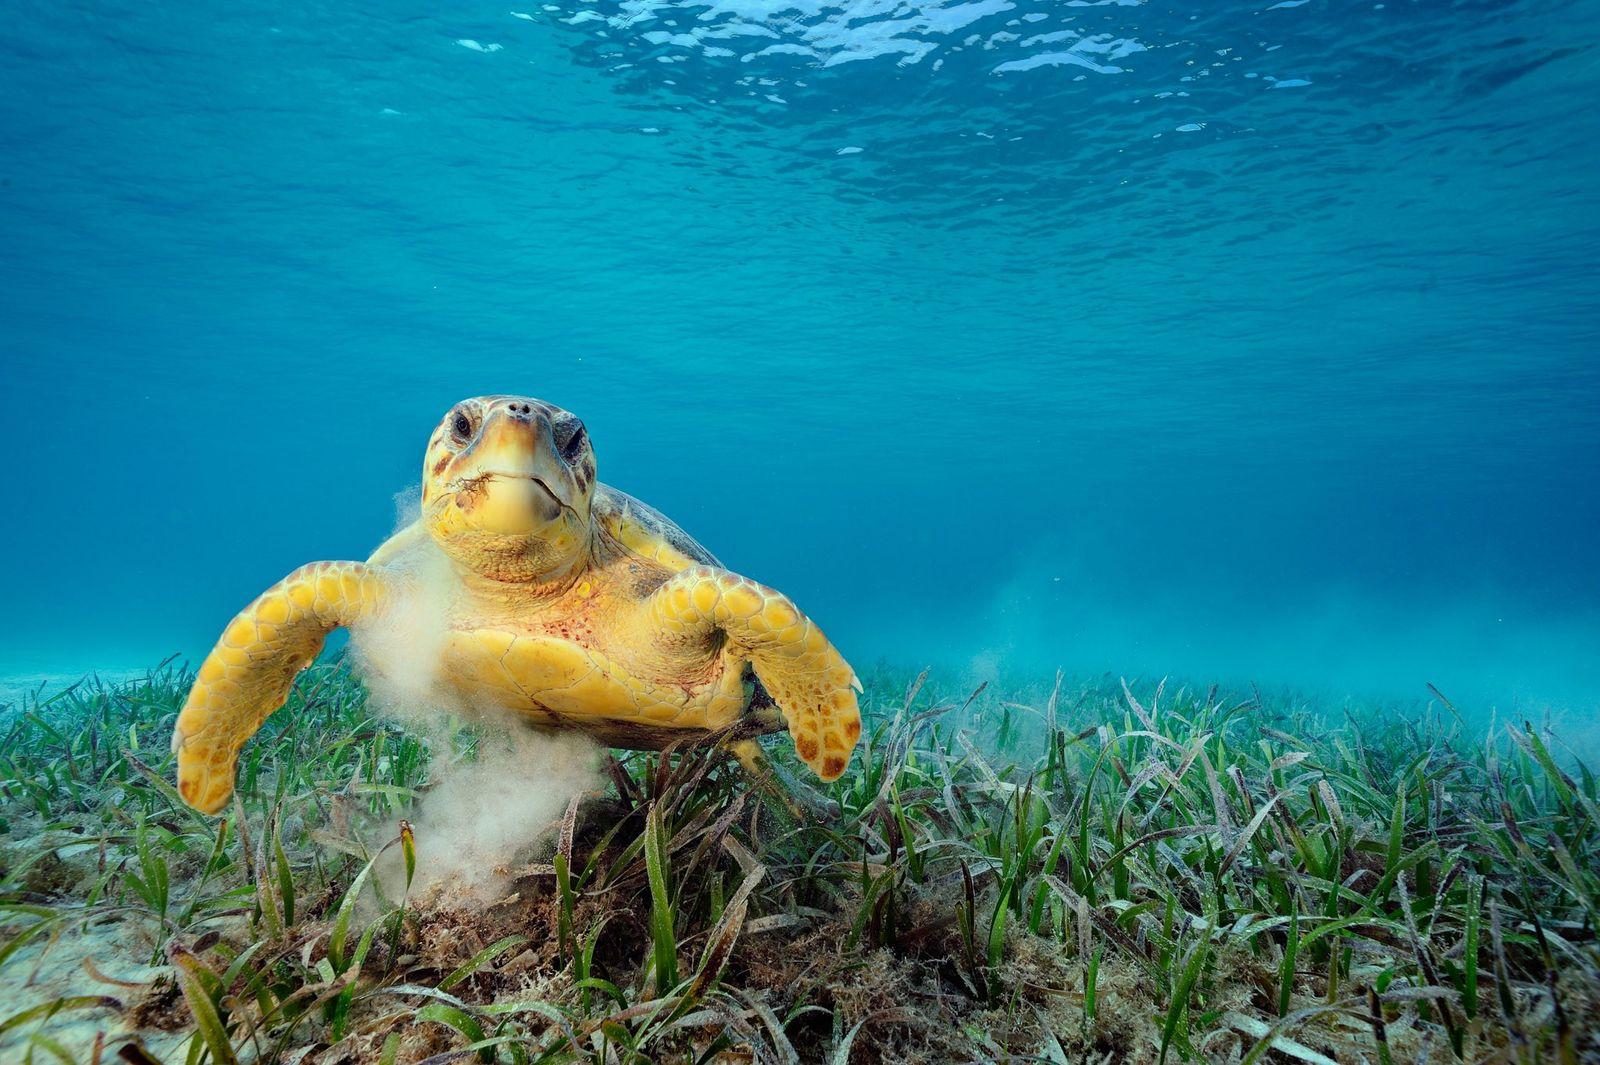 La tortue de mer peut transporter plus de 100 000 petits animaux sur sa carapace